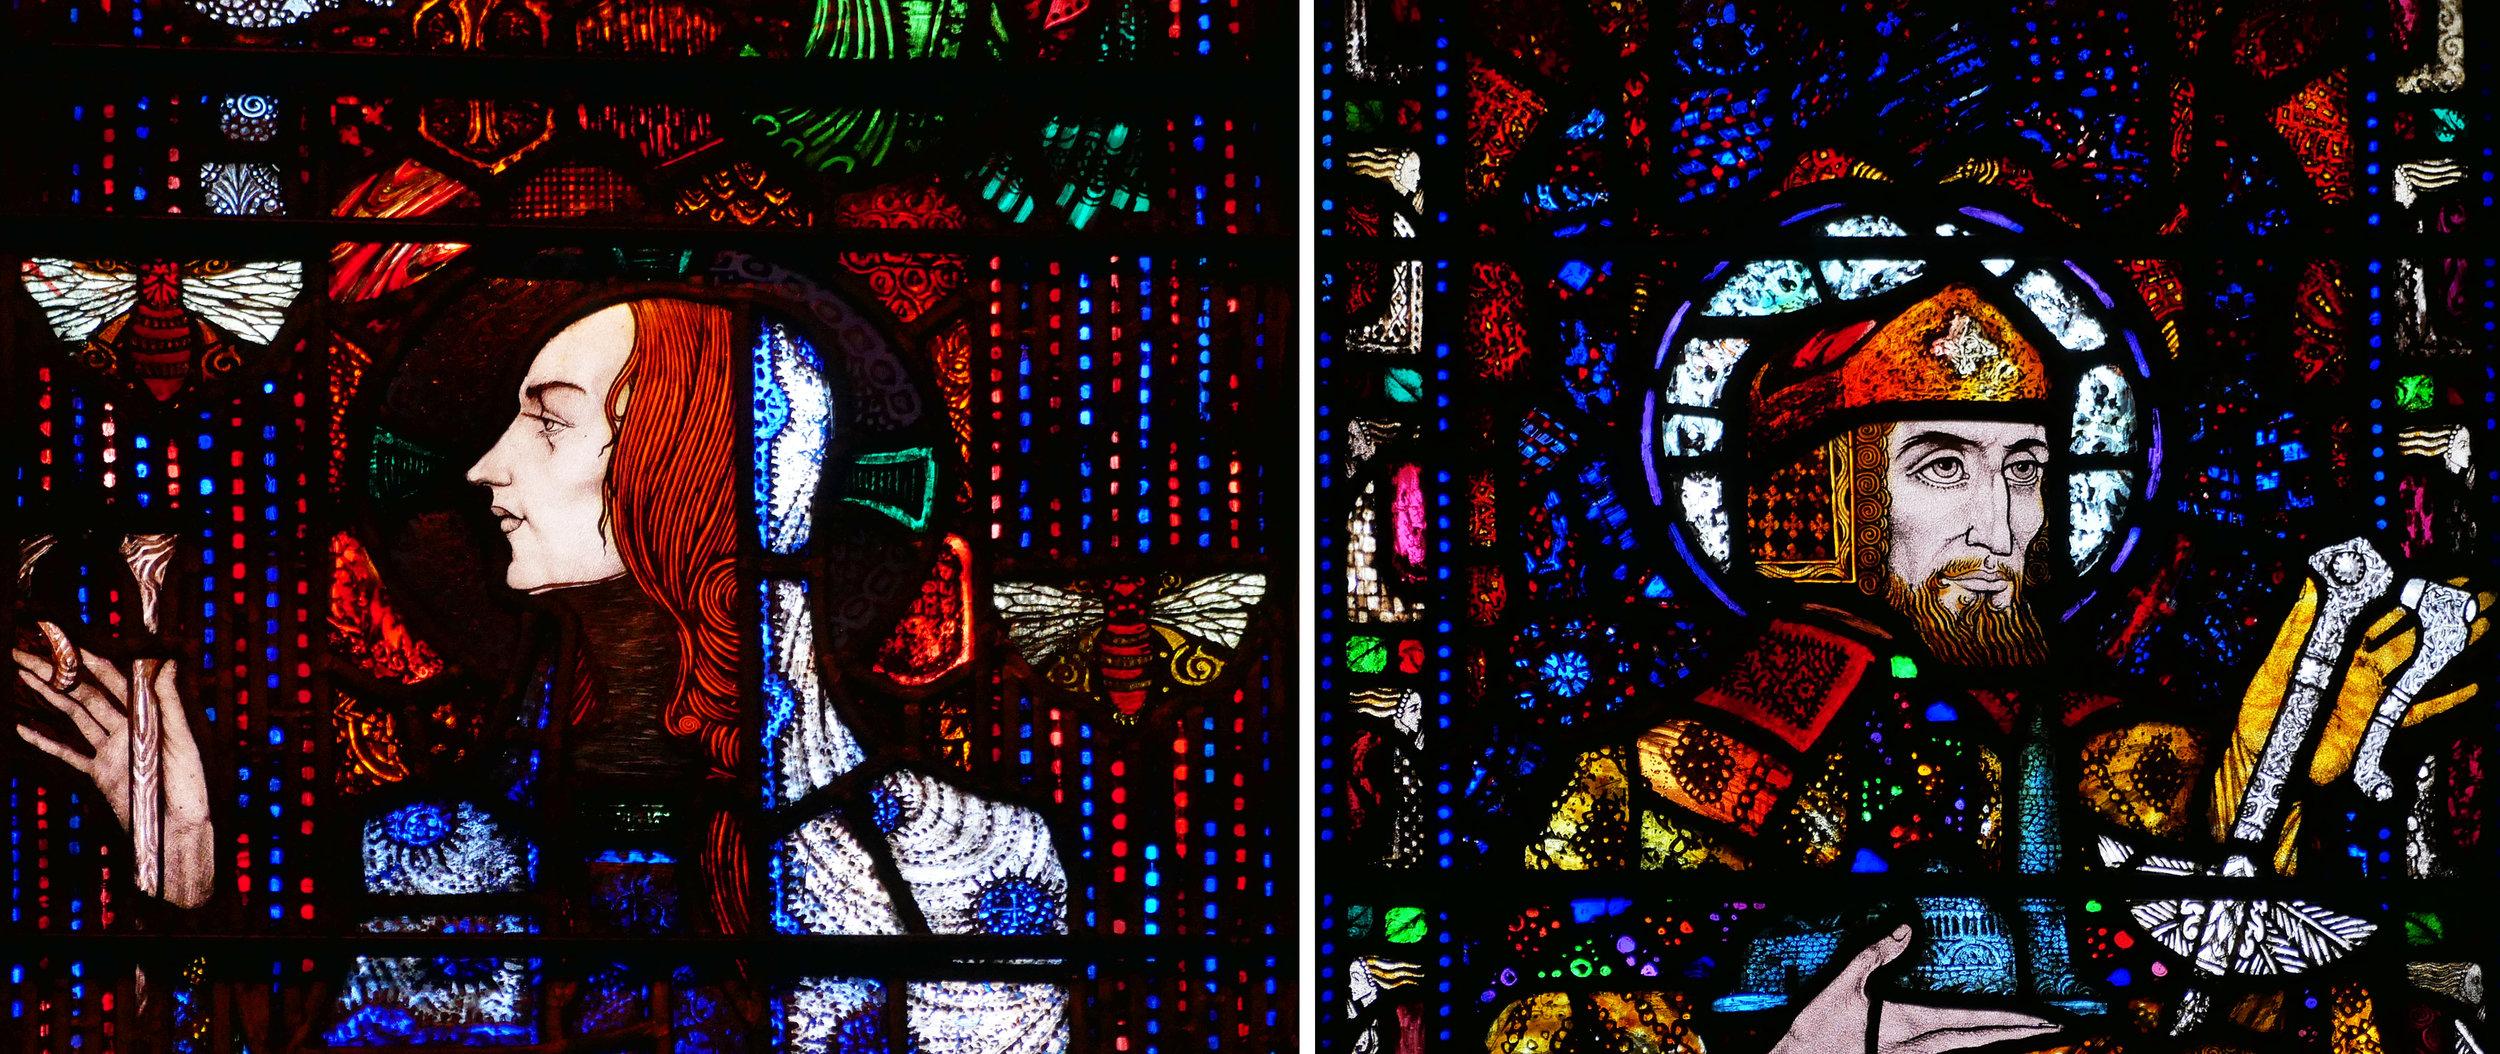 Head of St Gobnait                                 Head of St Declan